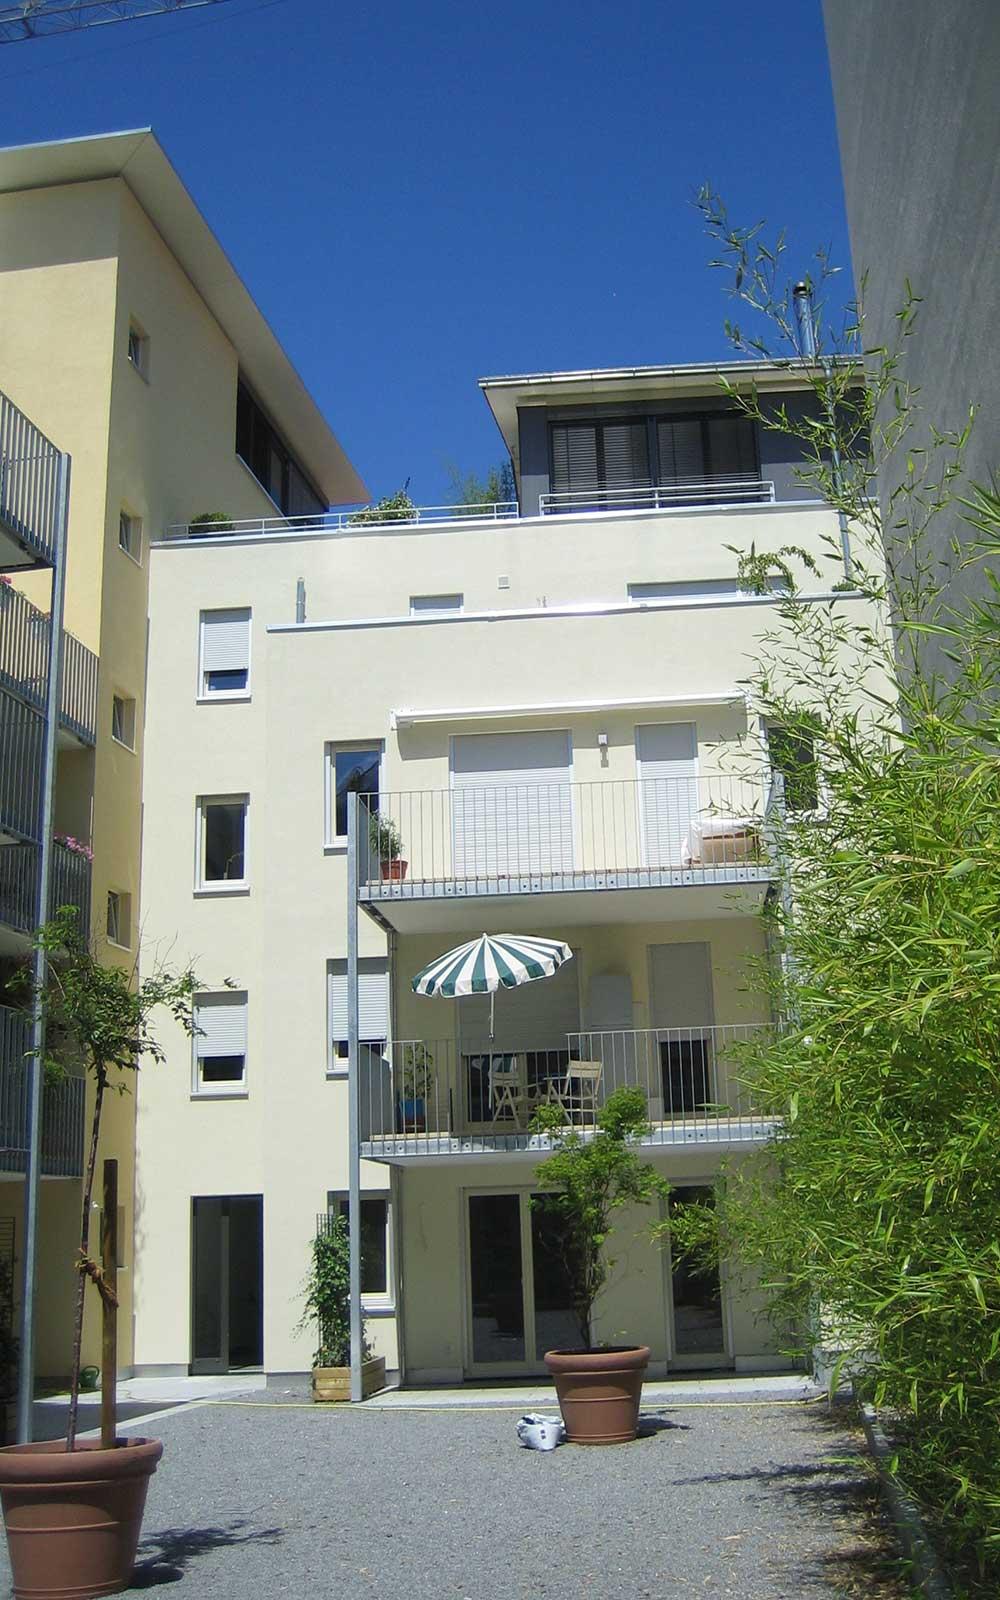 Mehrfamilienhaus in Neuenheim, Kochhan und Weckbach, Architekt Heidelberg